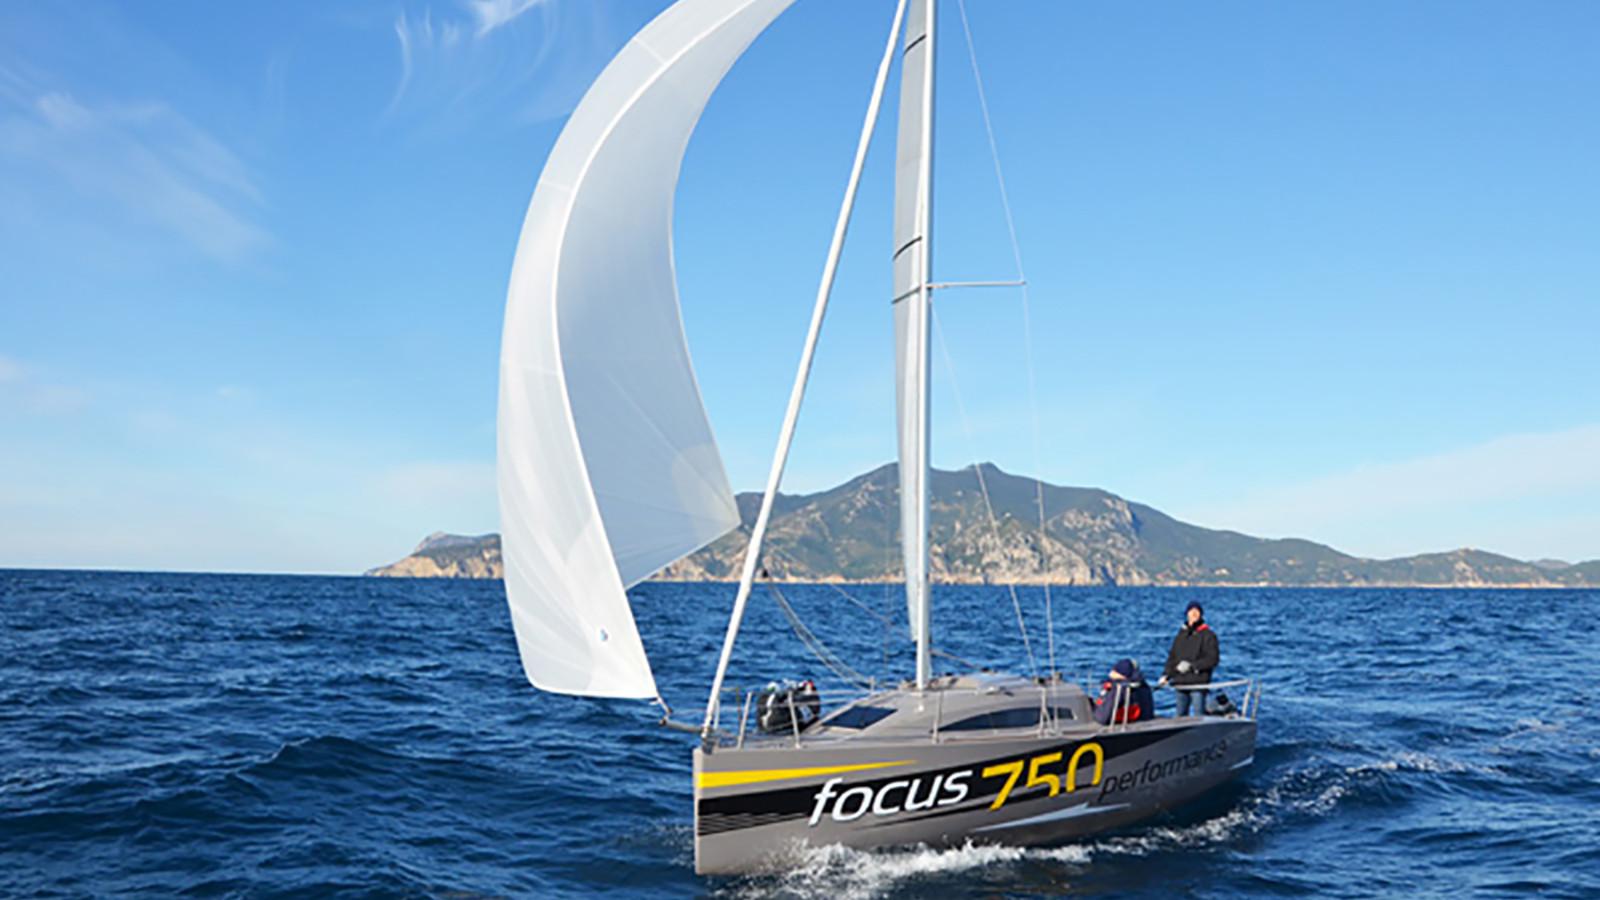 Focus 750 performance - 2